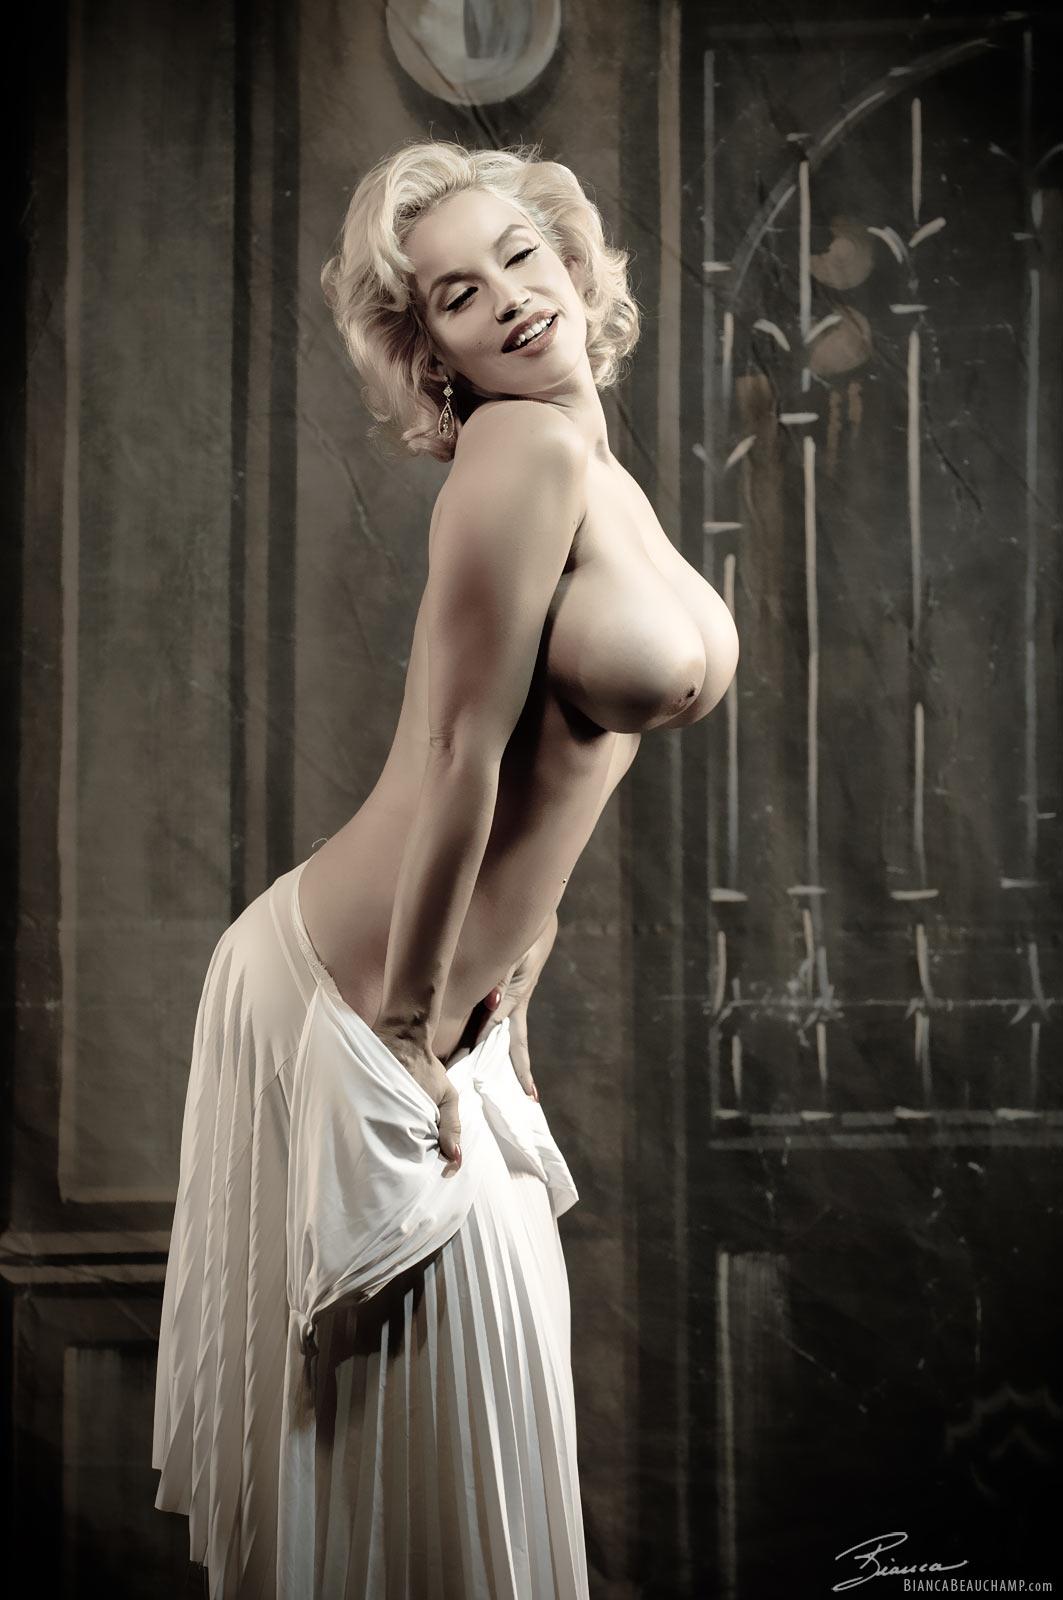 marilyn monroe big boobs nude